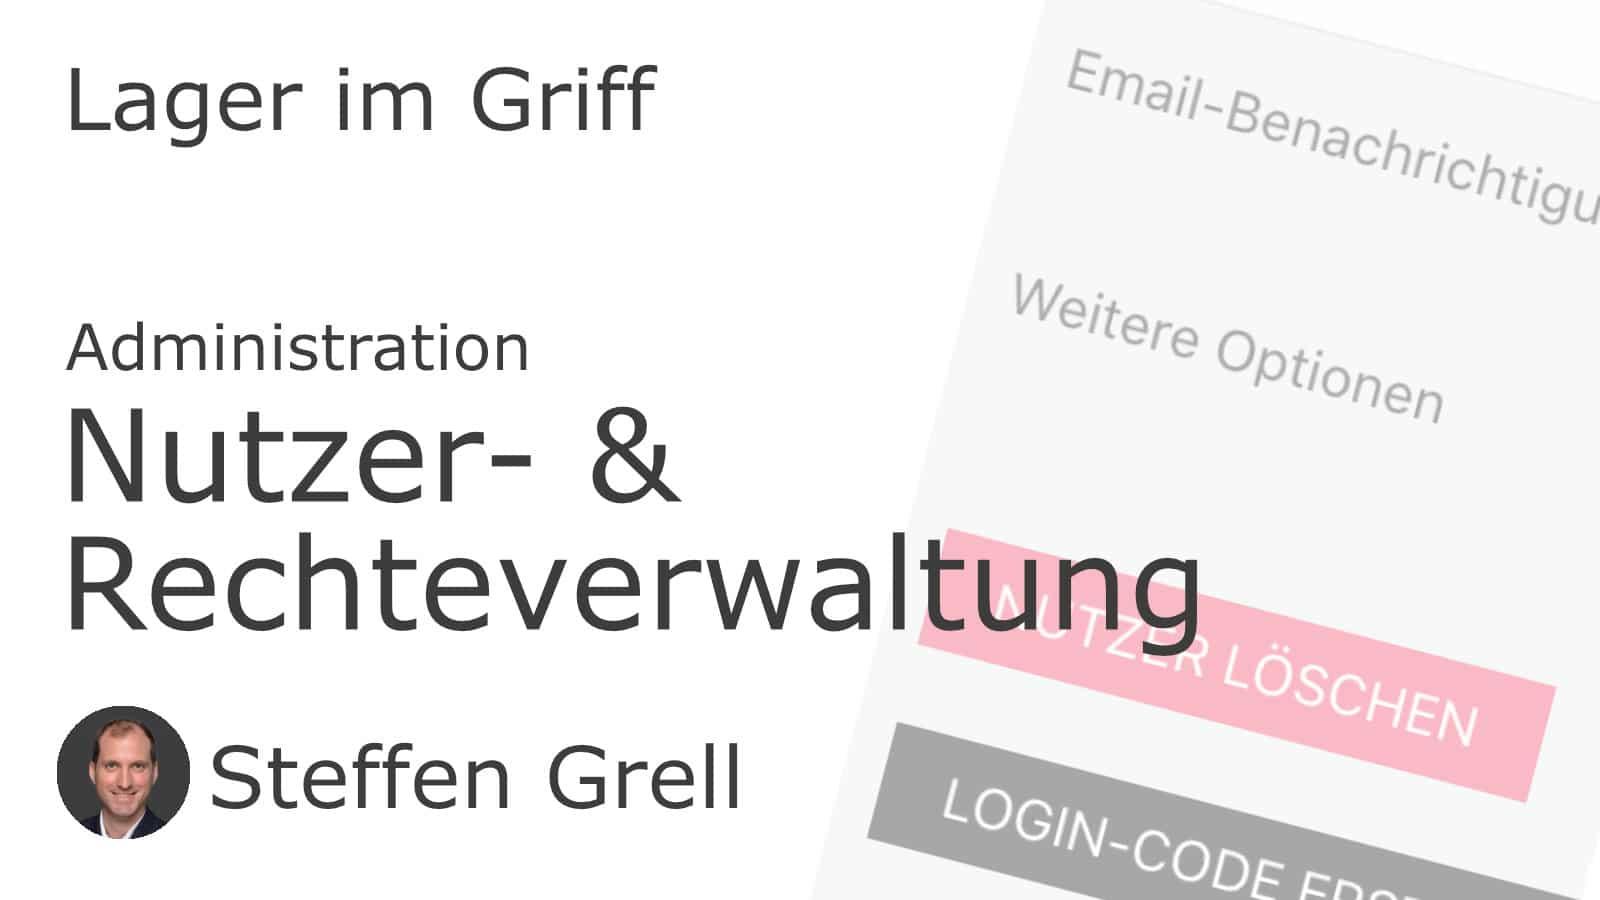 Nutzer- & Rechteverwaltung